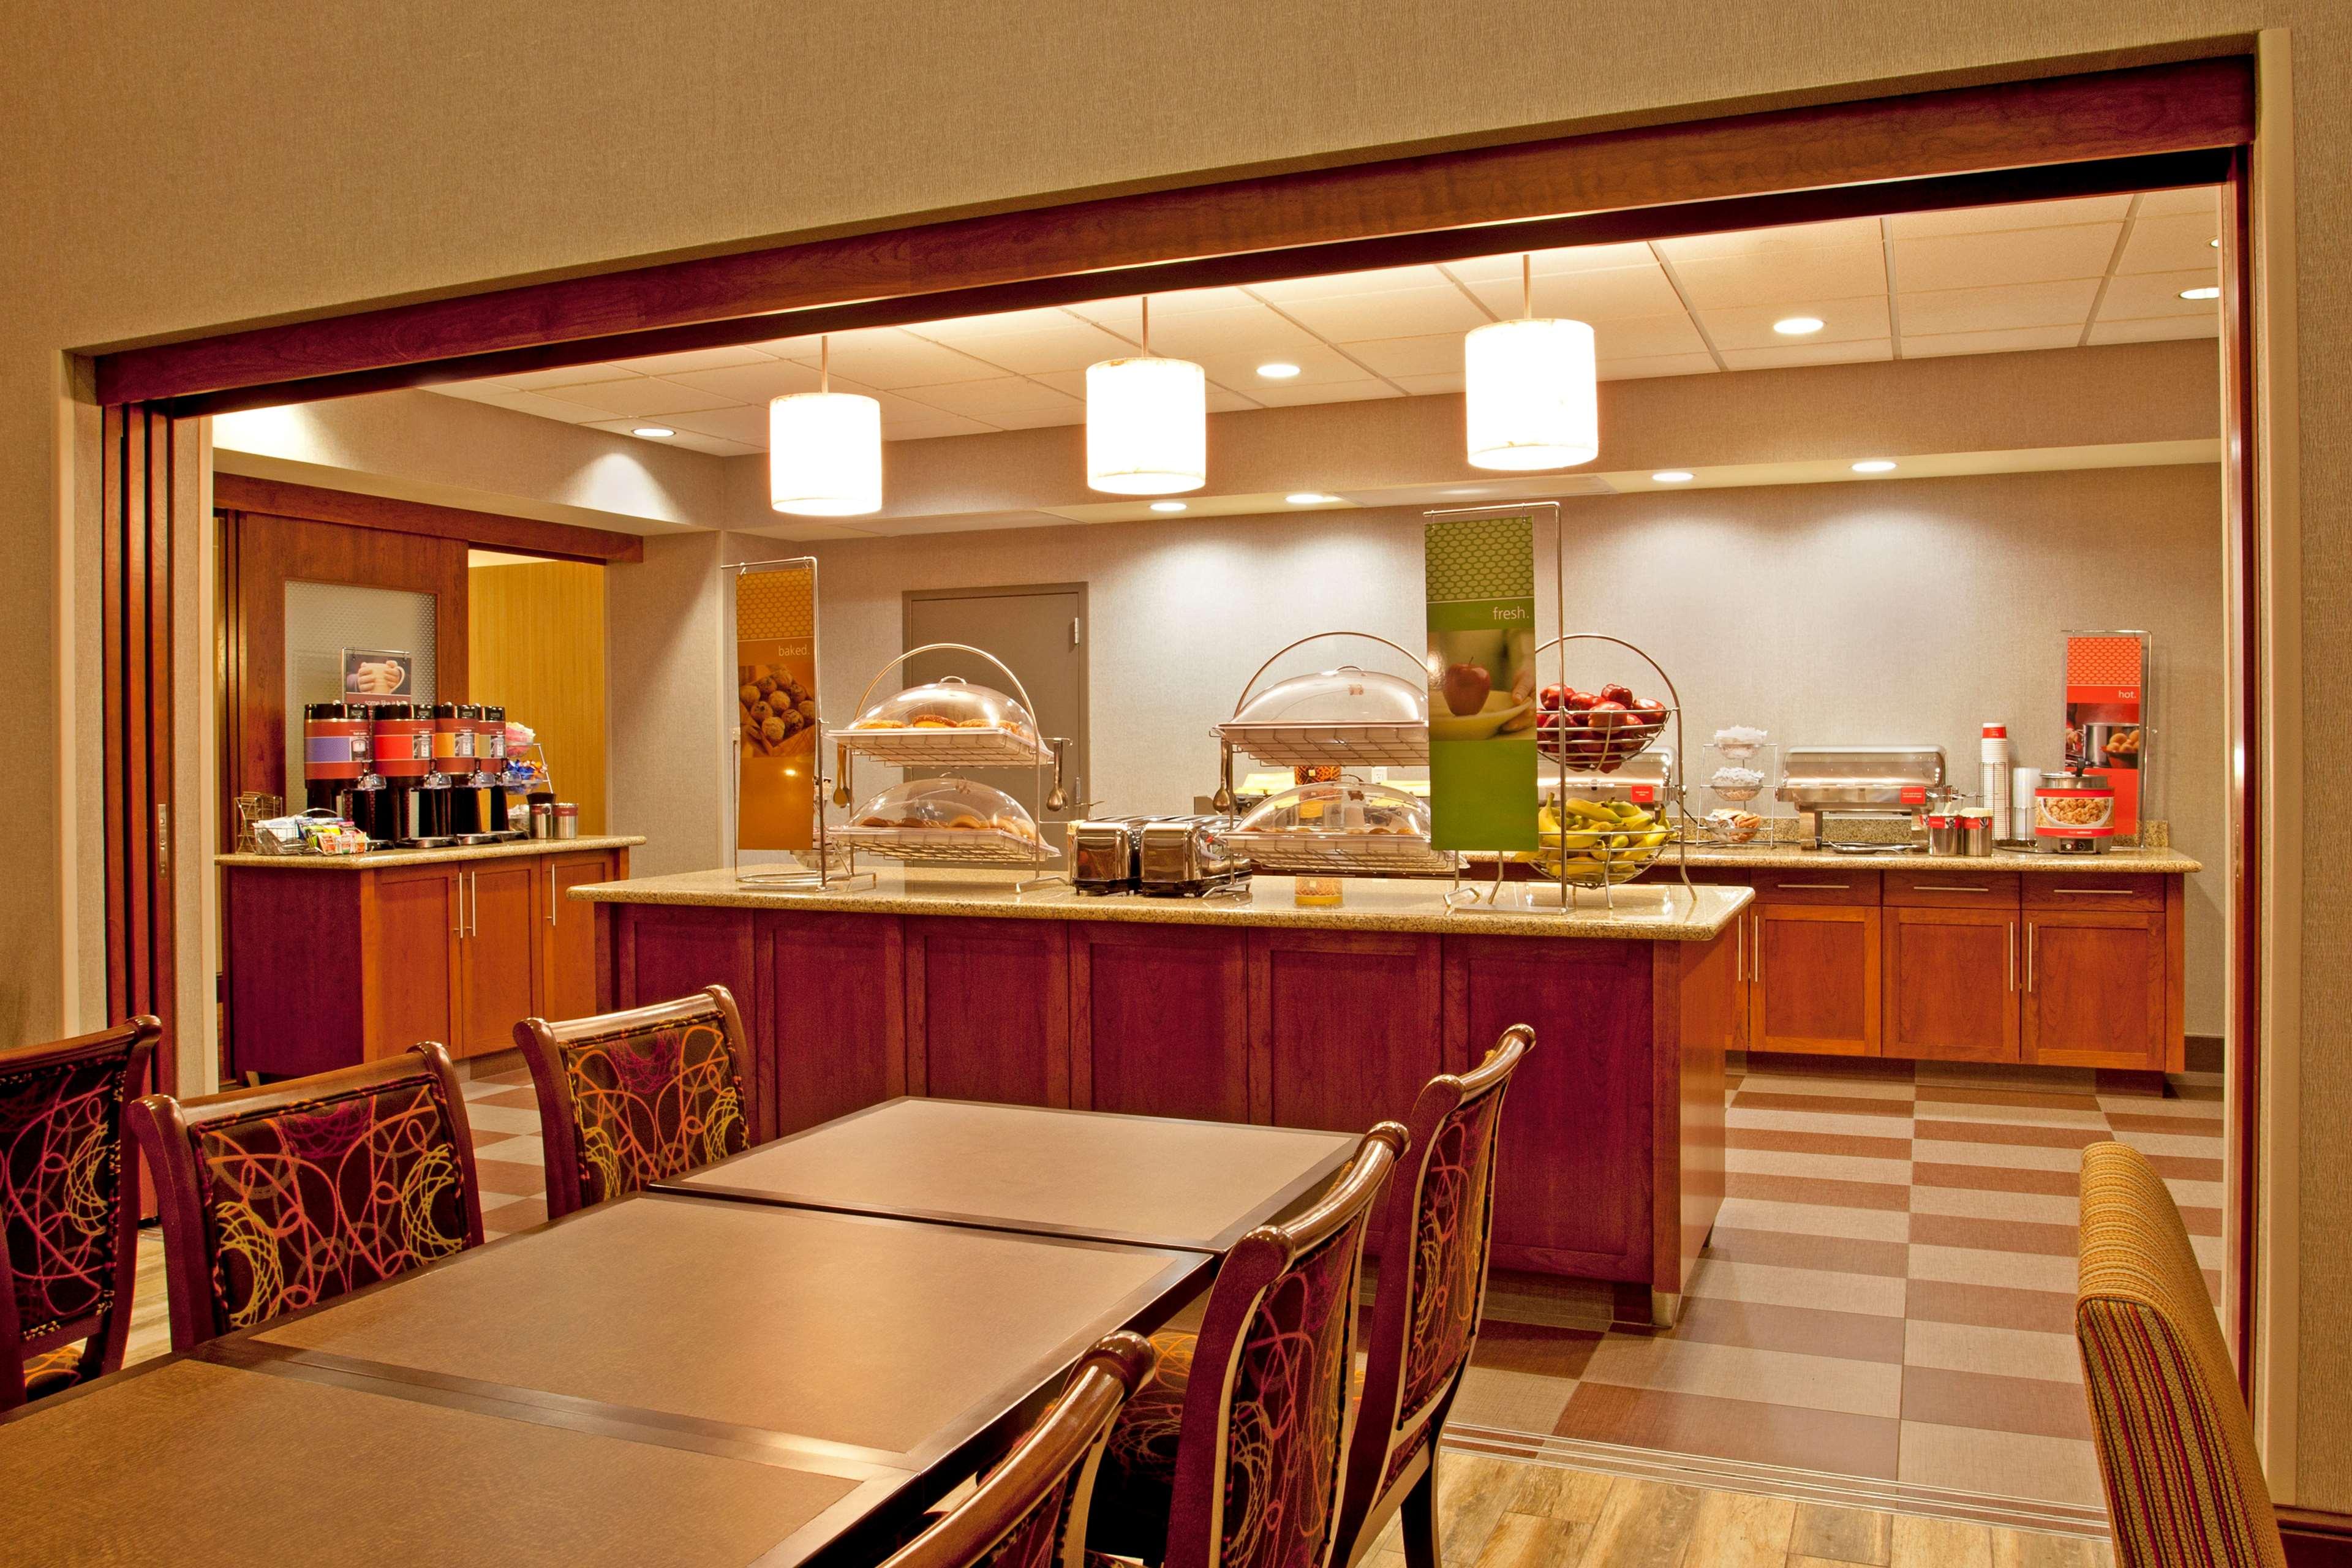 Hampton Inn Suites Minneapolis St Paul Arpt-Mall of America image 5